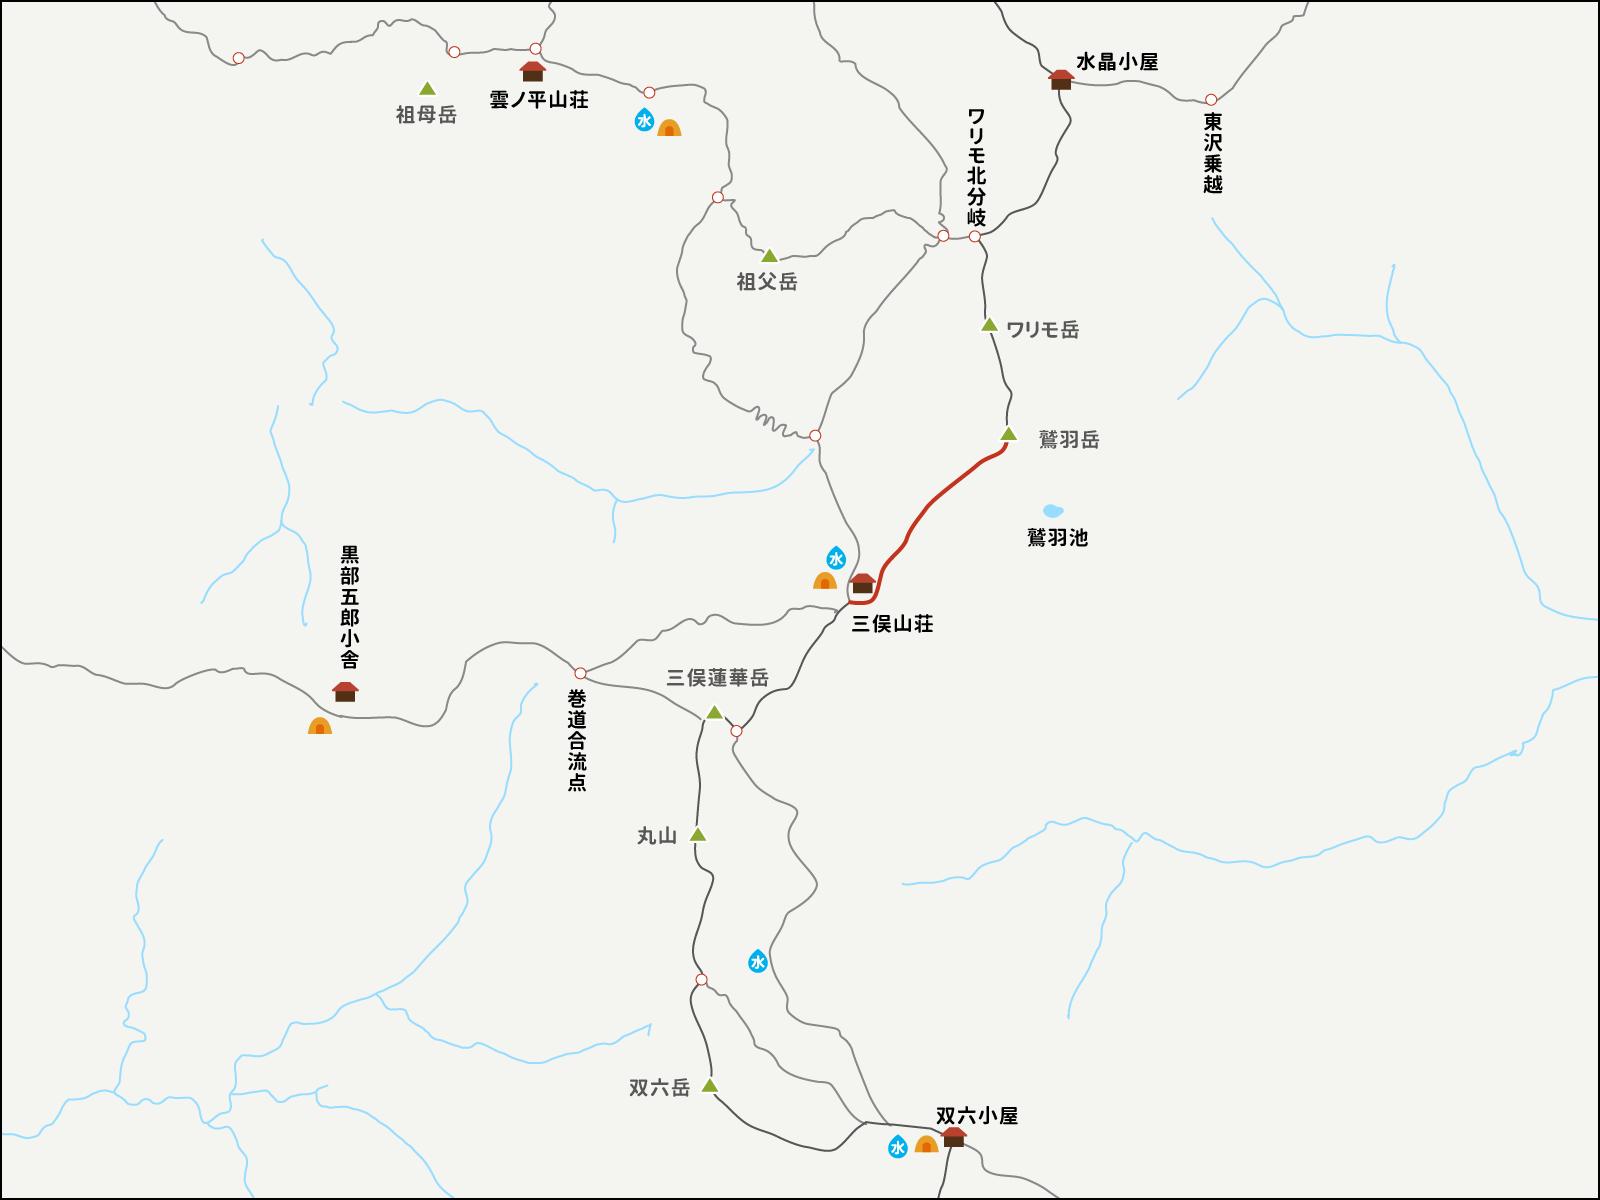 鷲羽岳から三俣山荘までのイラストマップ